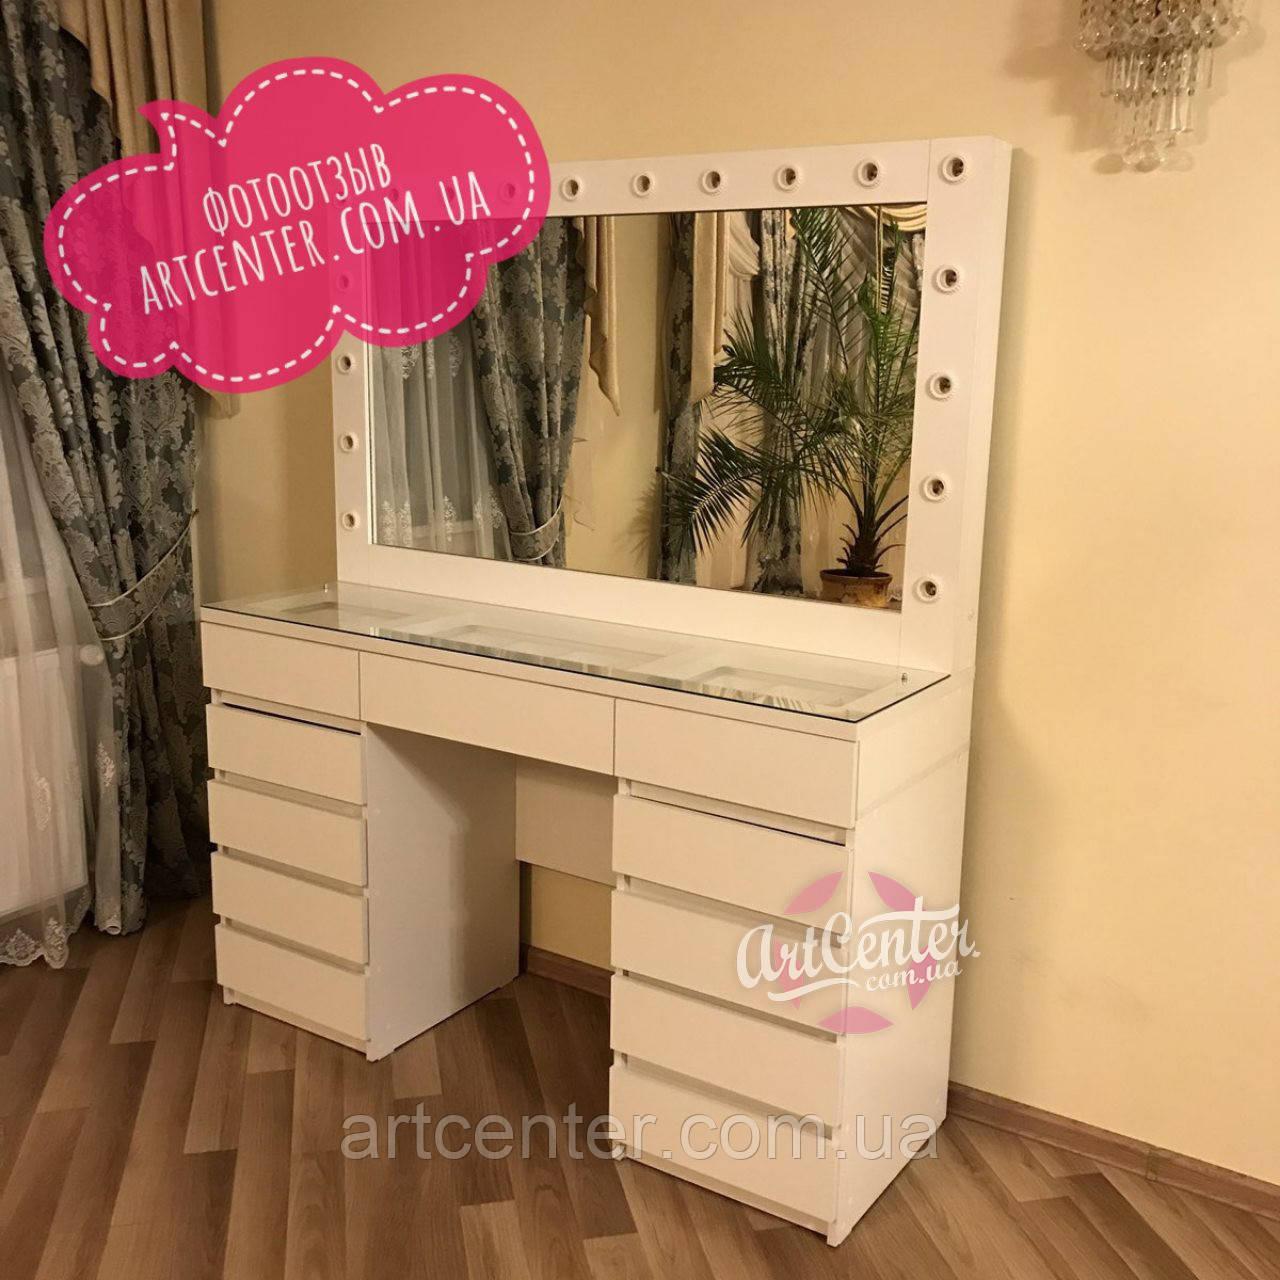 Стол для визажиста,  туалетный столик, большой  гримерный столик с ящиками